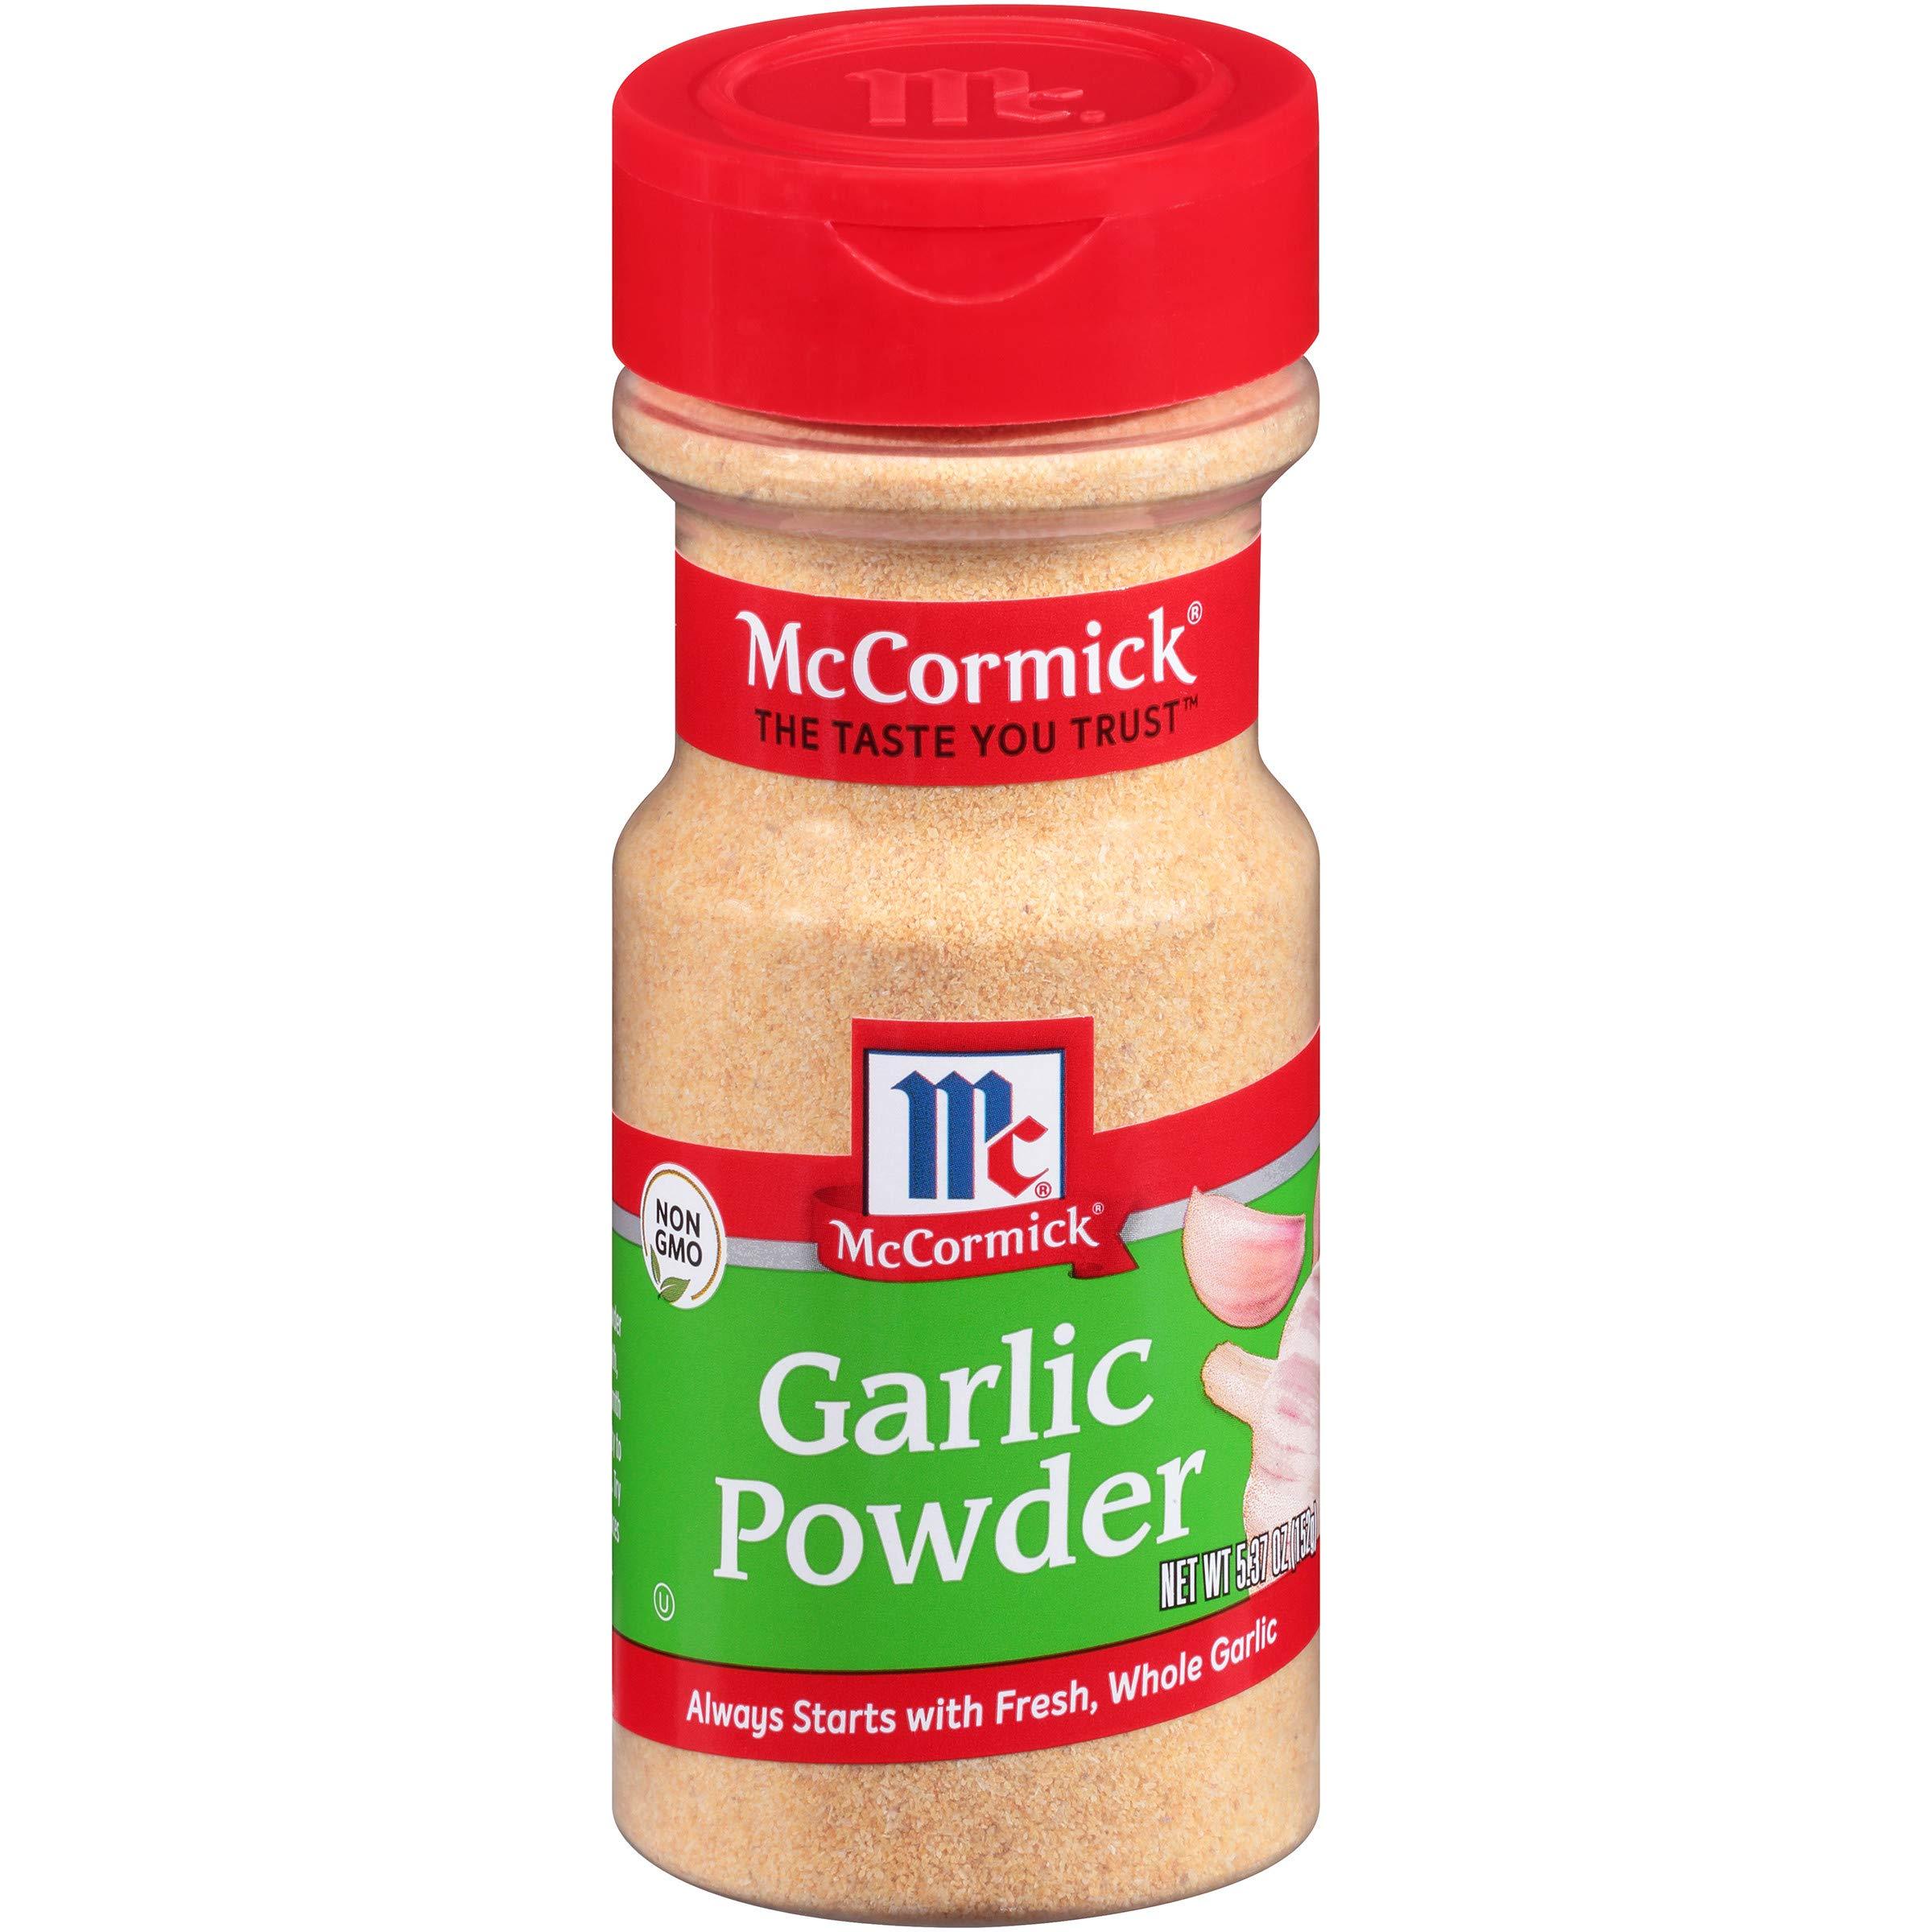 McCormick Garlic Powder, 5.37 oz